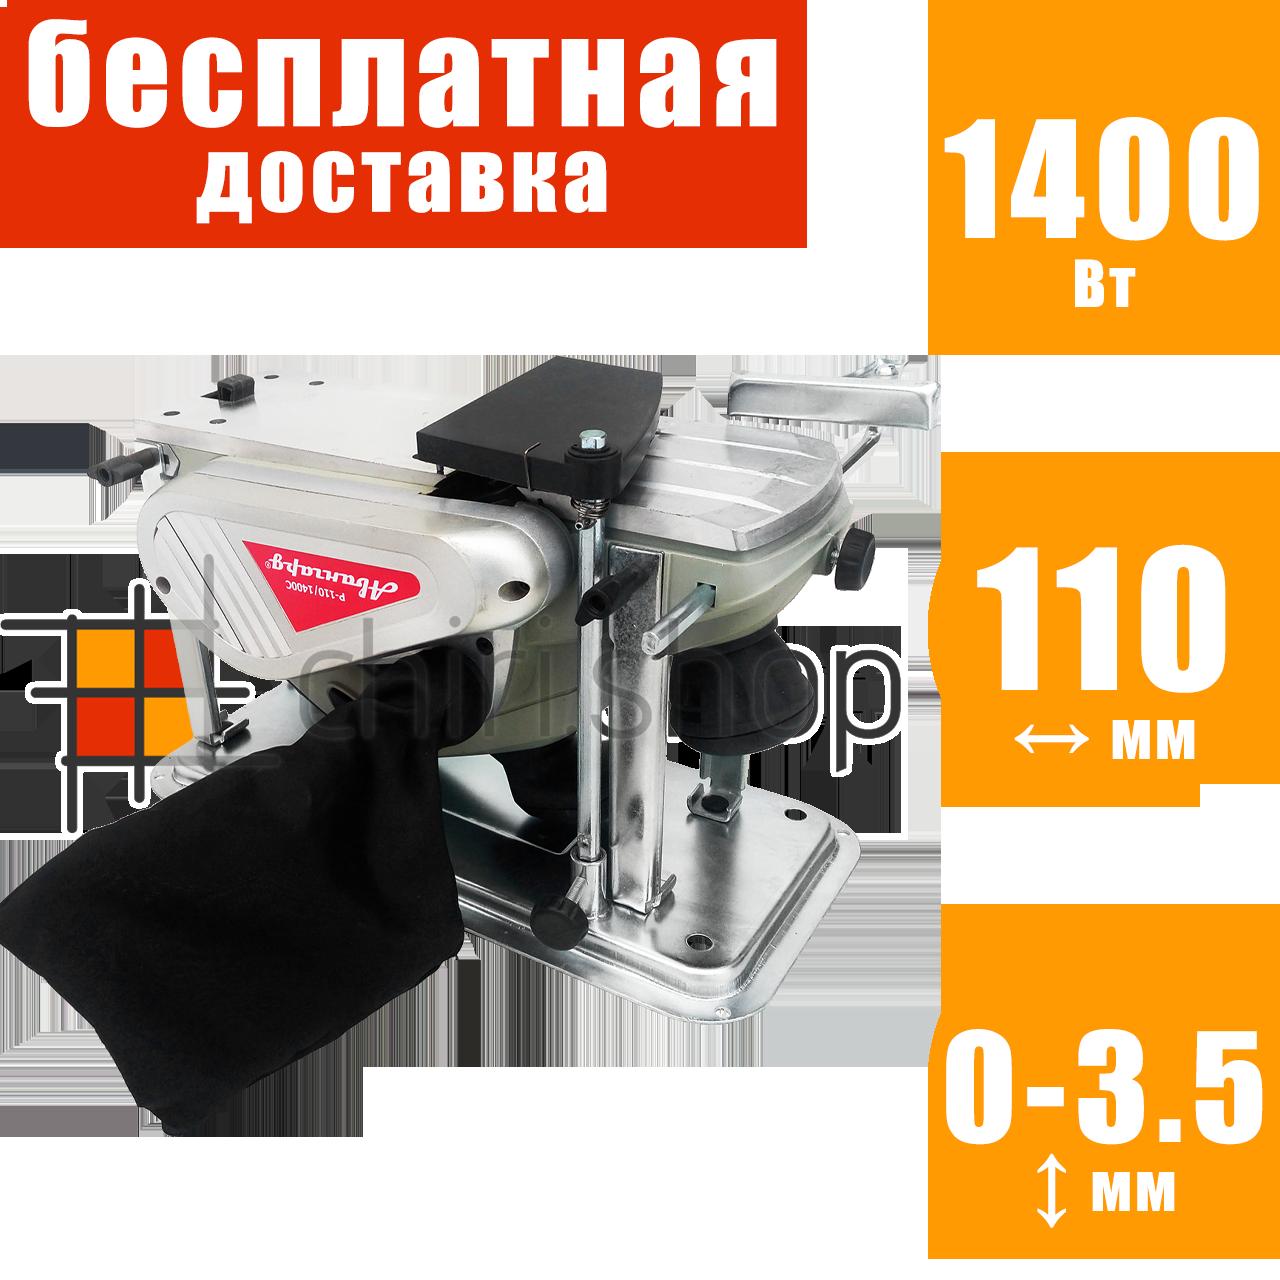 Электрорубанок со станиной Авангард Р-110/1400С, эл рубанок стационарный с выборкой четверти